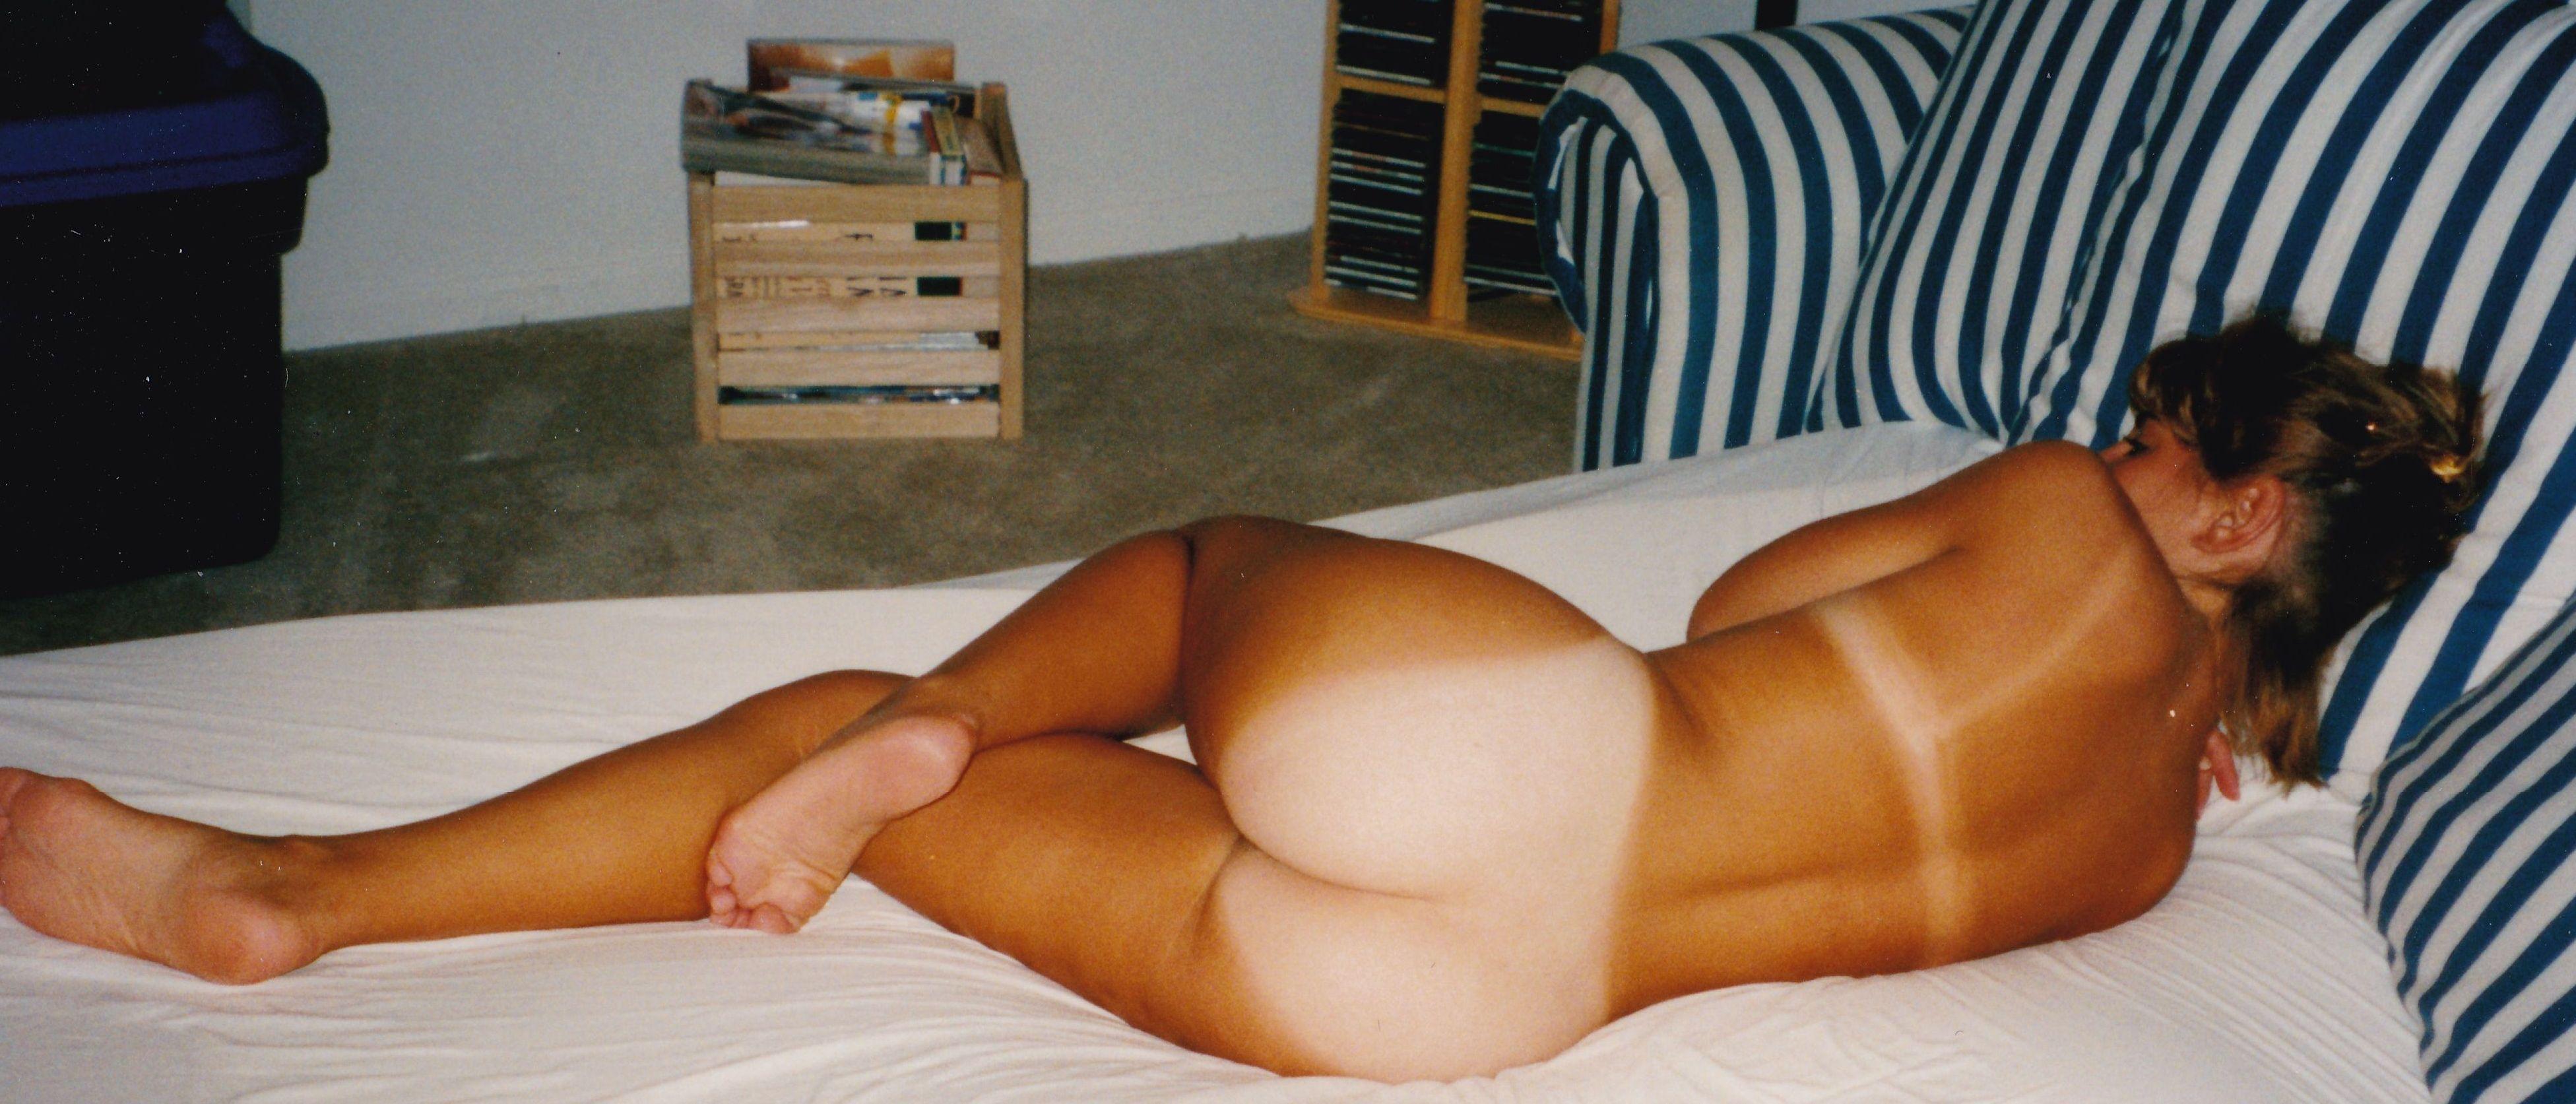 Порно загар от трусиков, негры мамки порно